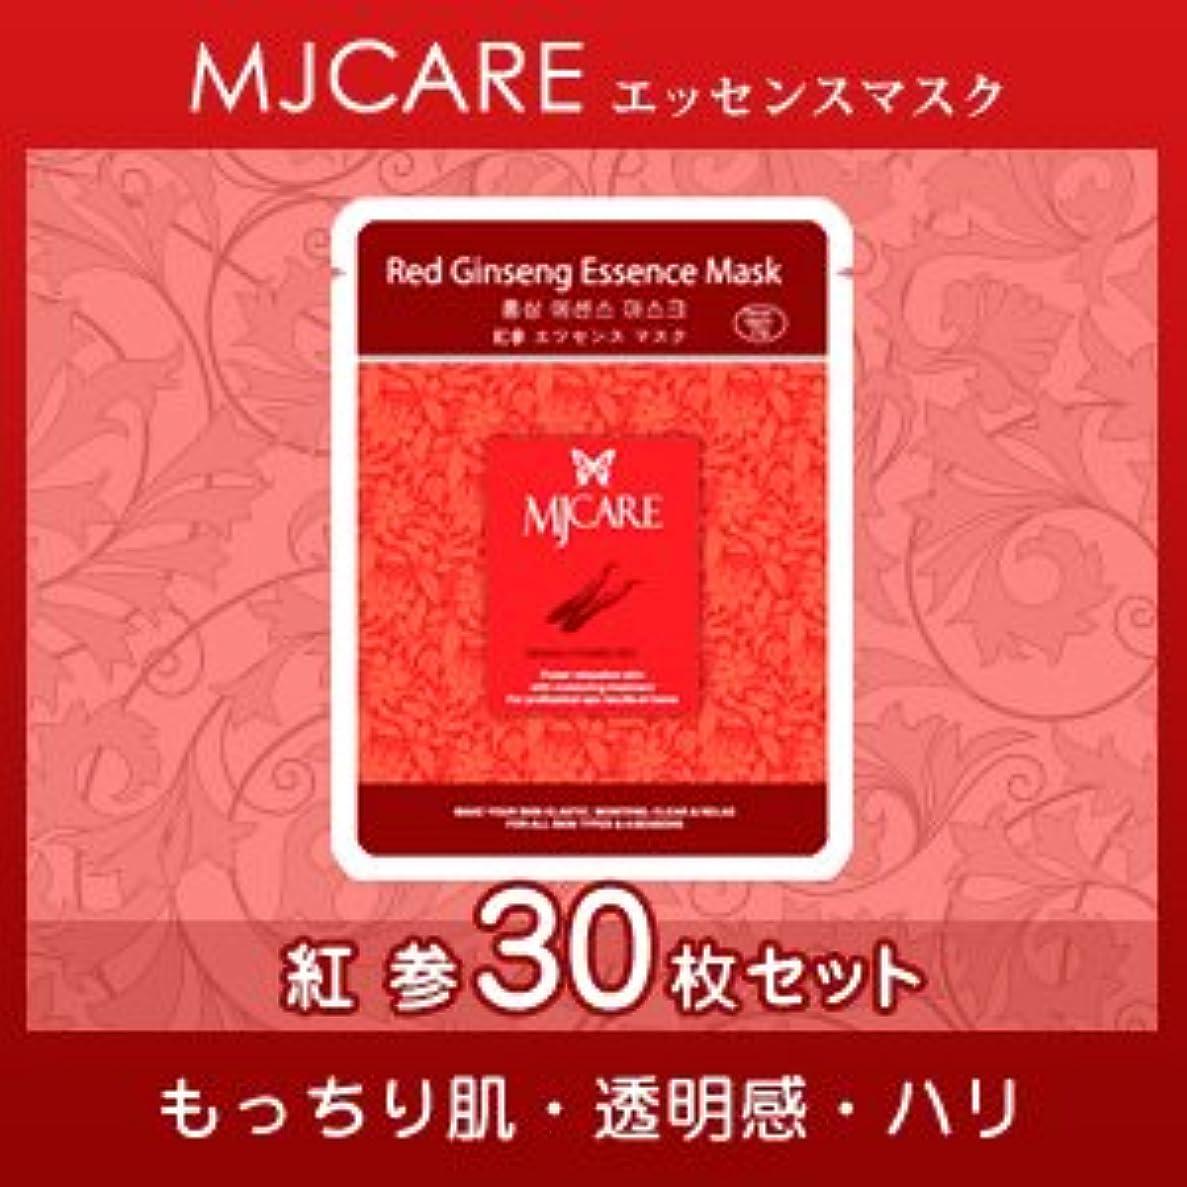 進化誕生日法律によりMJCARE (エムジェイケア) 紅参 エッセンスマスク 30セット